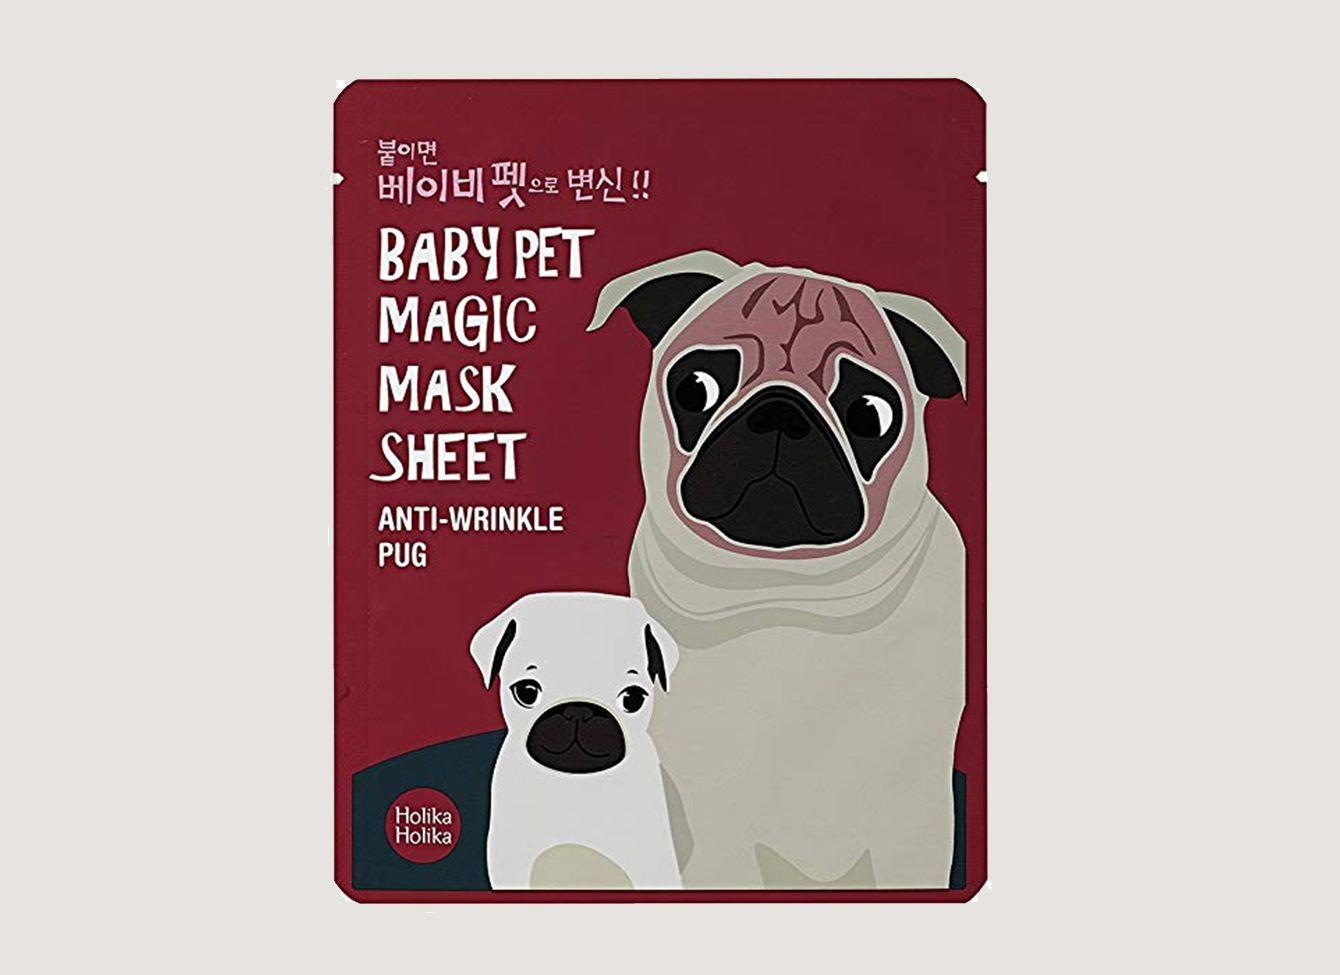 Holika Holika Baby Pet Magic Mask Sheet Anti-Wrinkle Pug (5 Sheet)